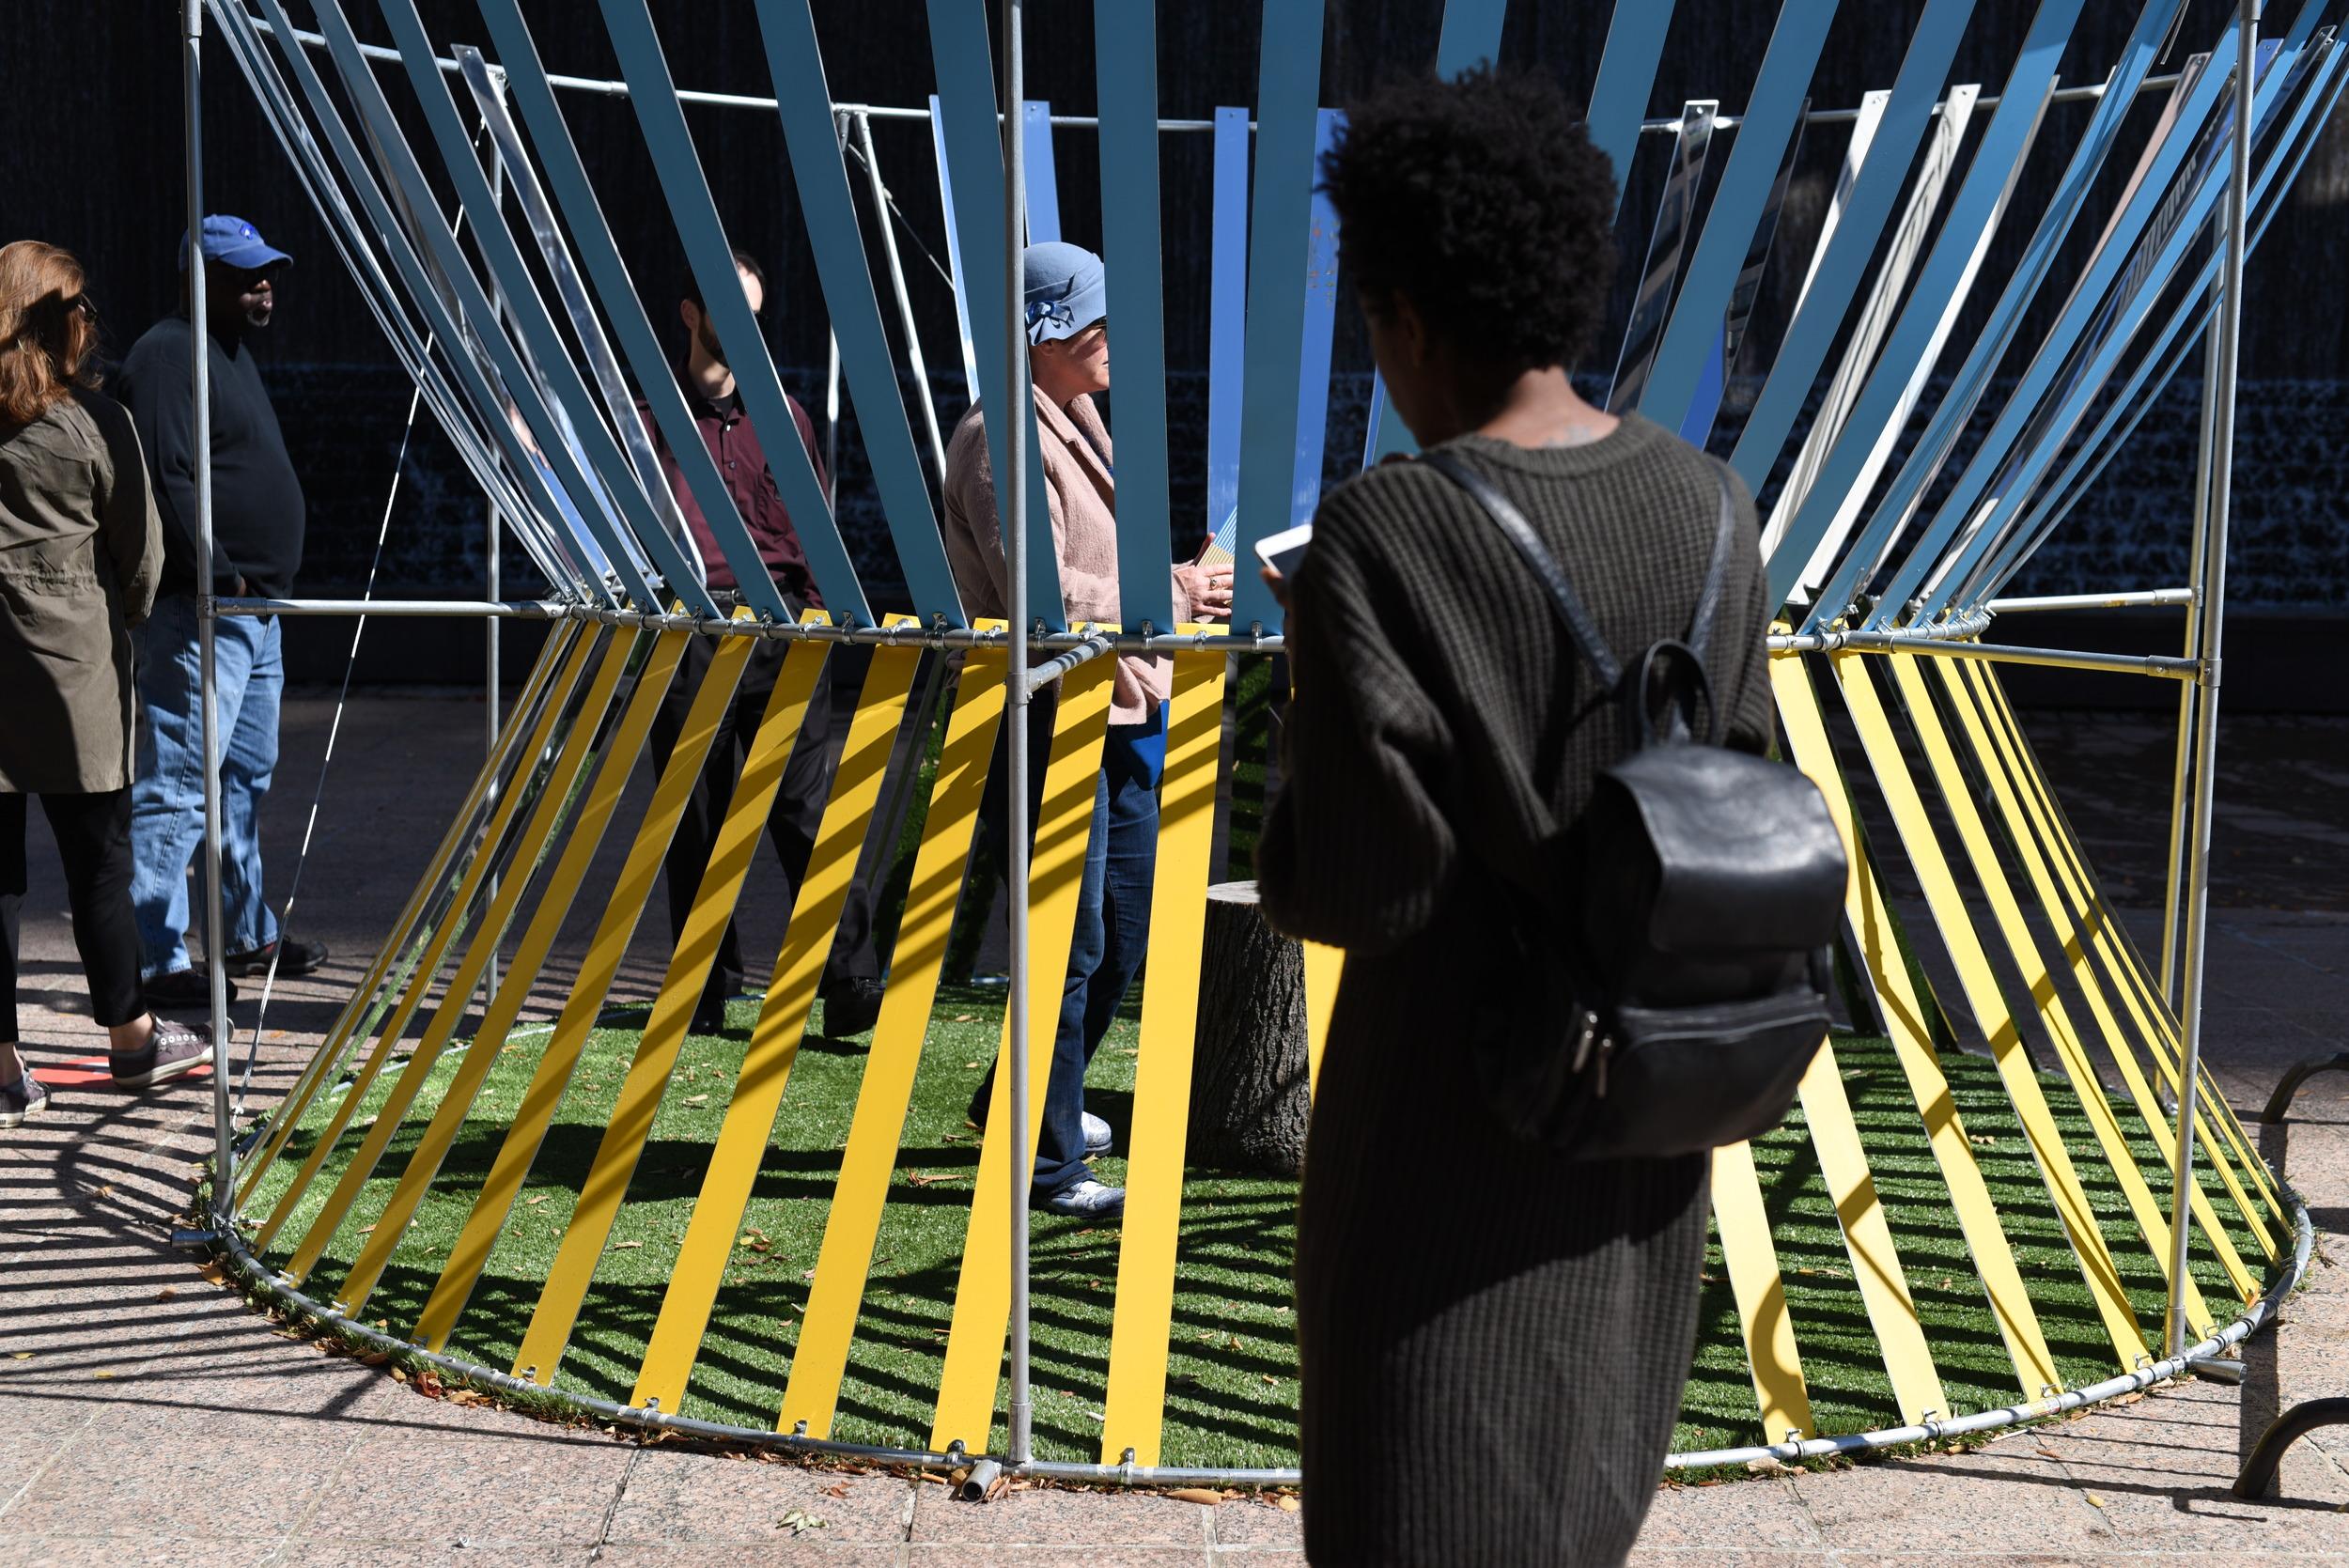 art-in-park.jpg